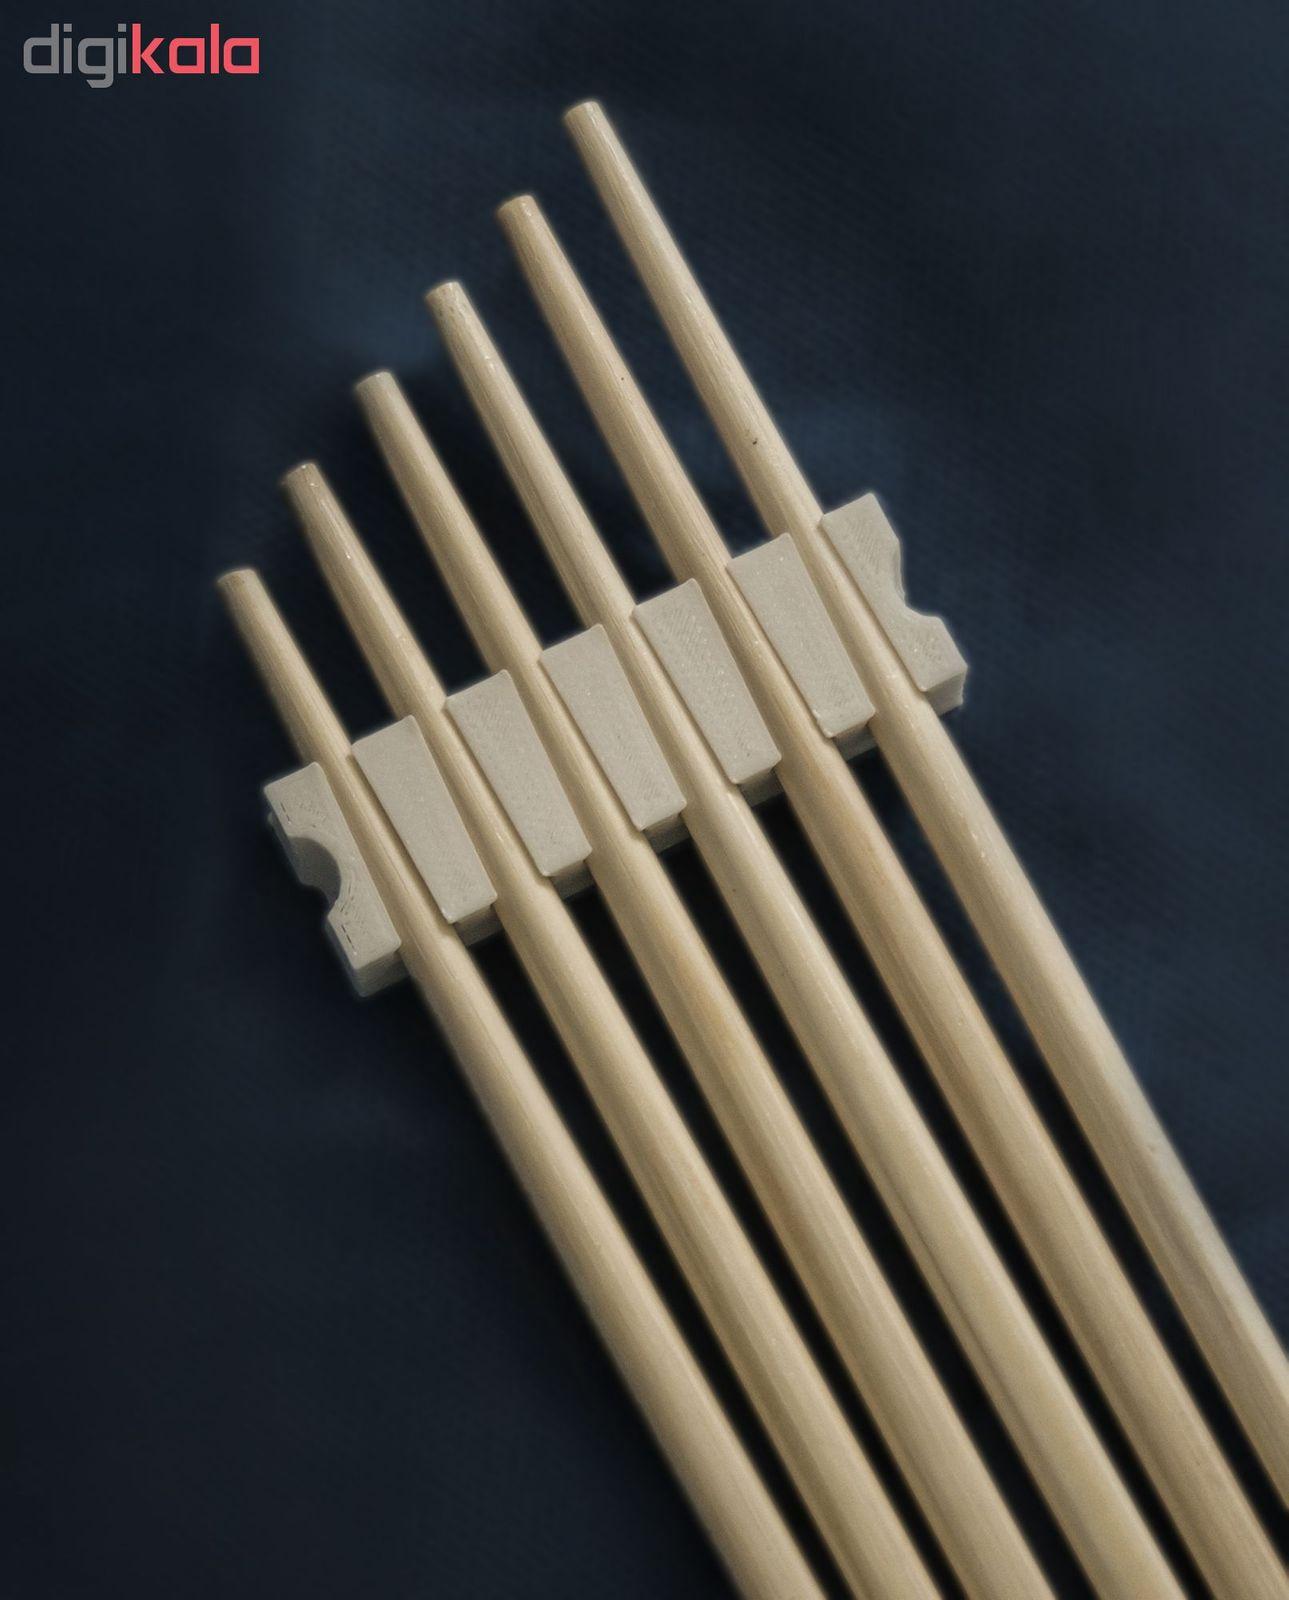 نظم دهنده چوب غذا مدل pla65 main 1 1